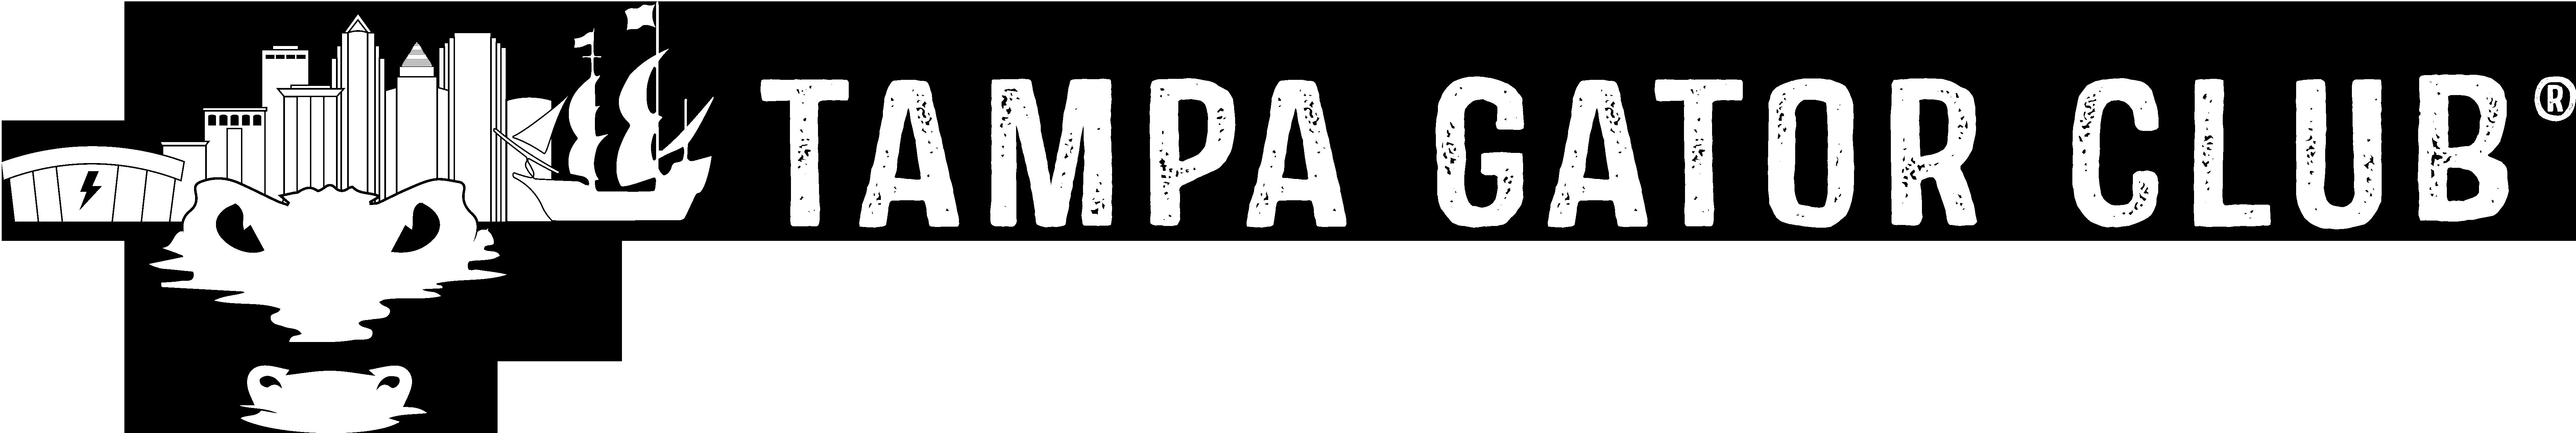 Tampa Gator Club